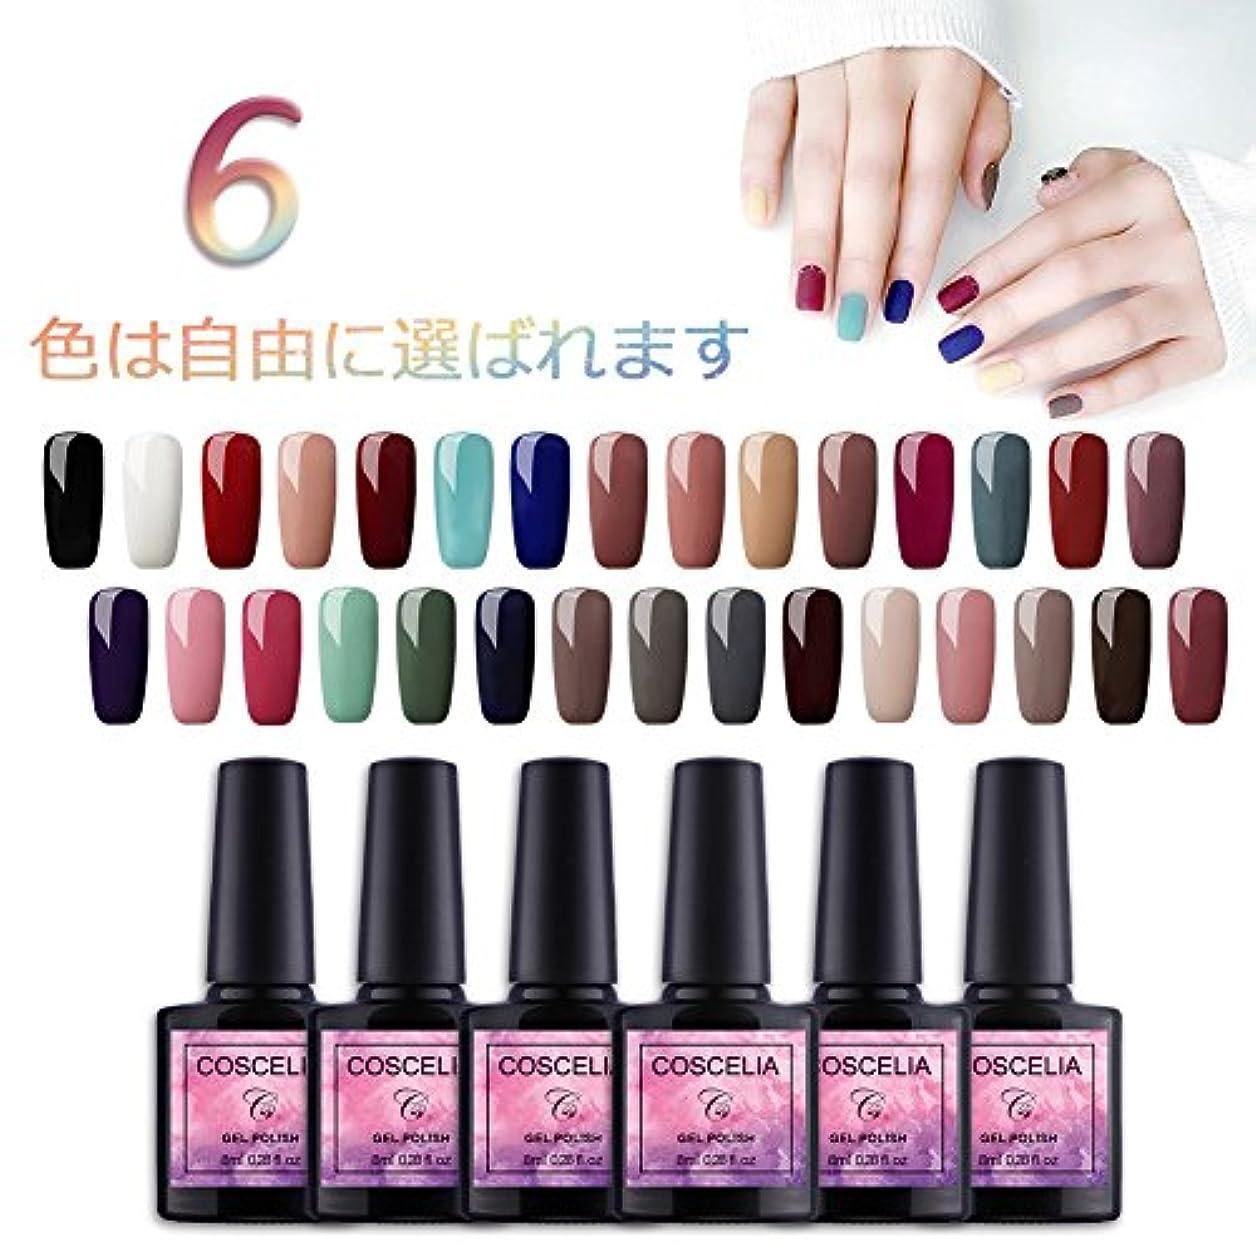 今までソファーレイアウトTwinkle Store カラージェル 6色套装 8 ml ジェルネイルカラー UV/LED 适用 ネイルアートジェルで簡単に DIY 6色を自由に選ぶことができる